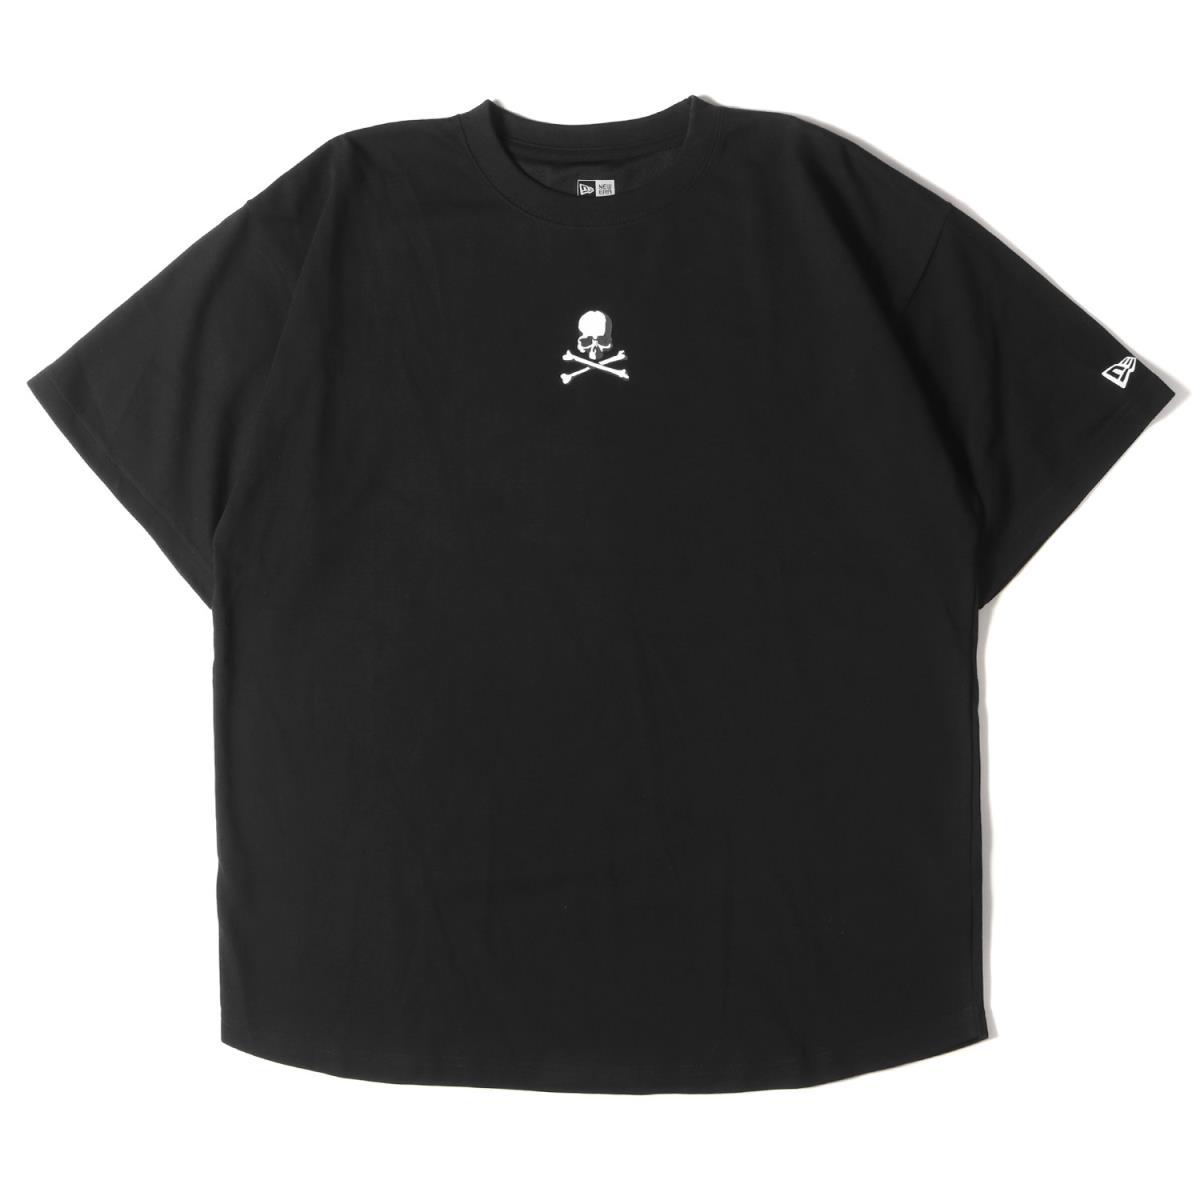 トップス, Tシャツ・カットソー mastermind JAPAN T NEW ERA T OVERSIZED SS TEE 21SS L K3127